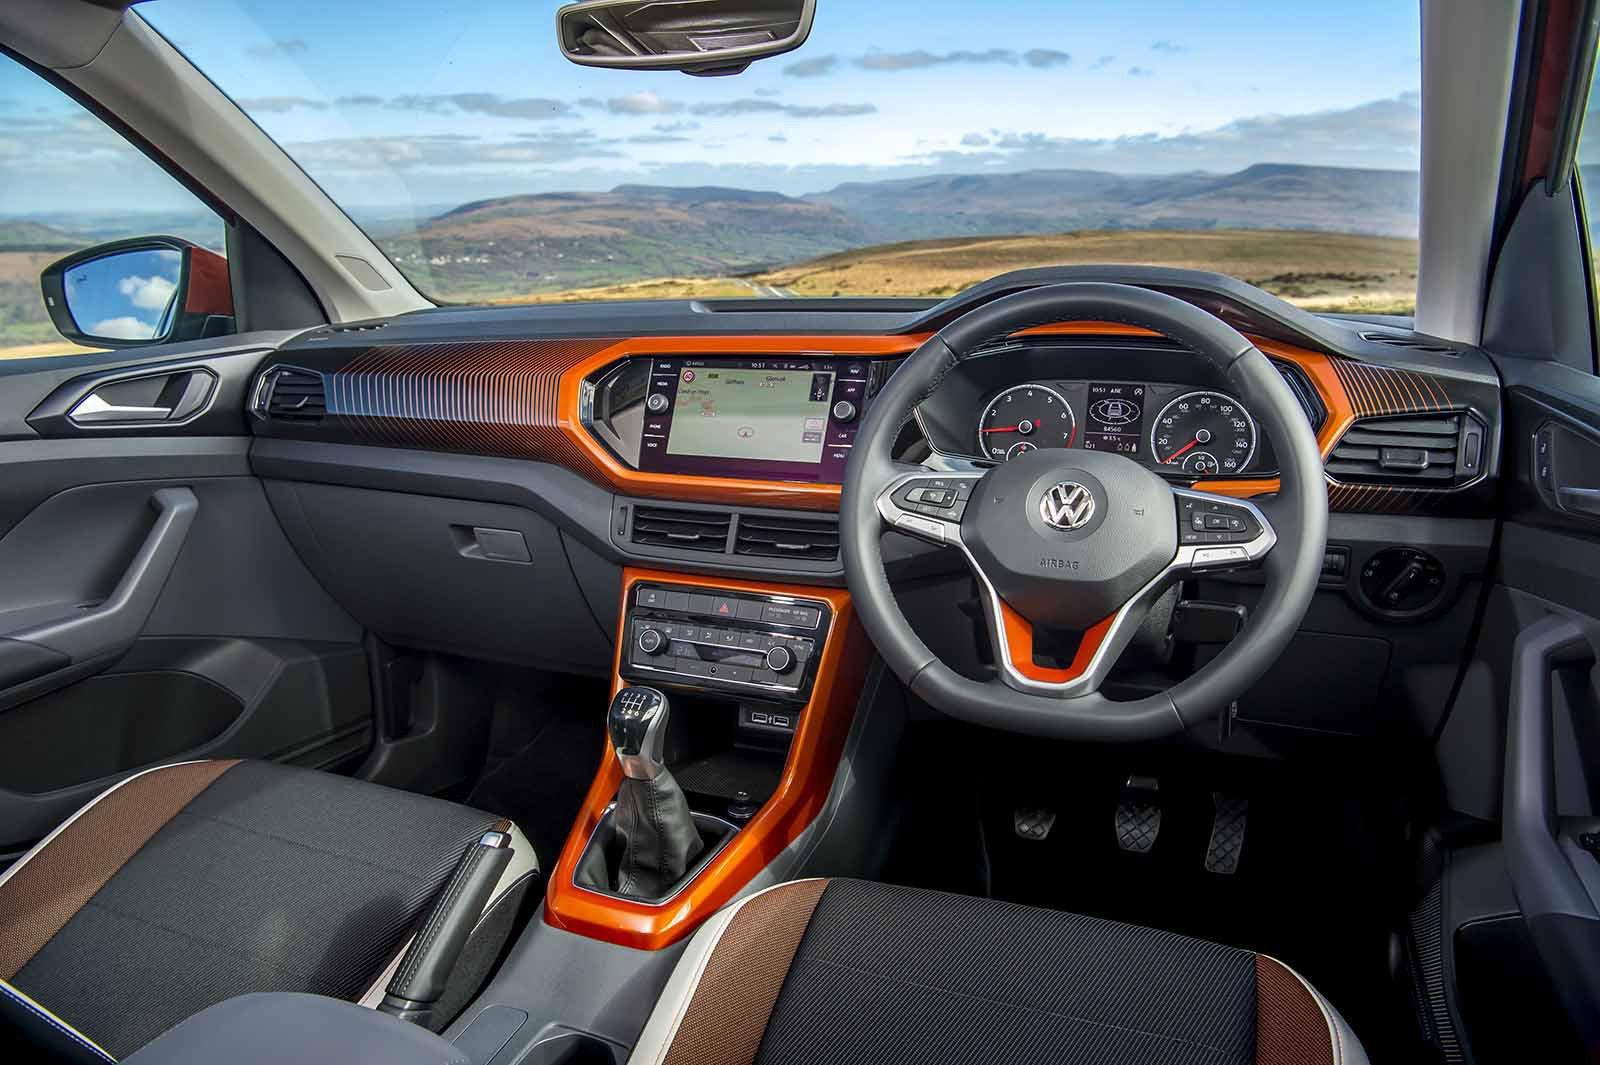 Volkswagen T-Cross 1.0 TSI 115 SEL - interior